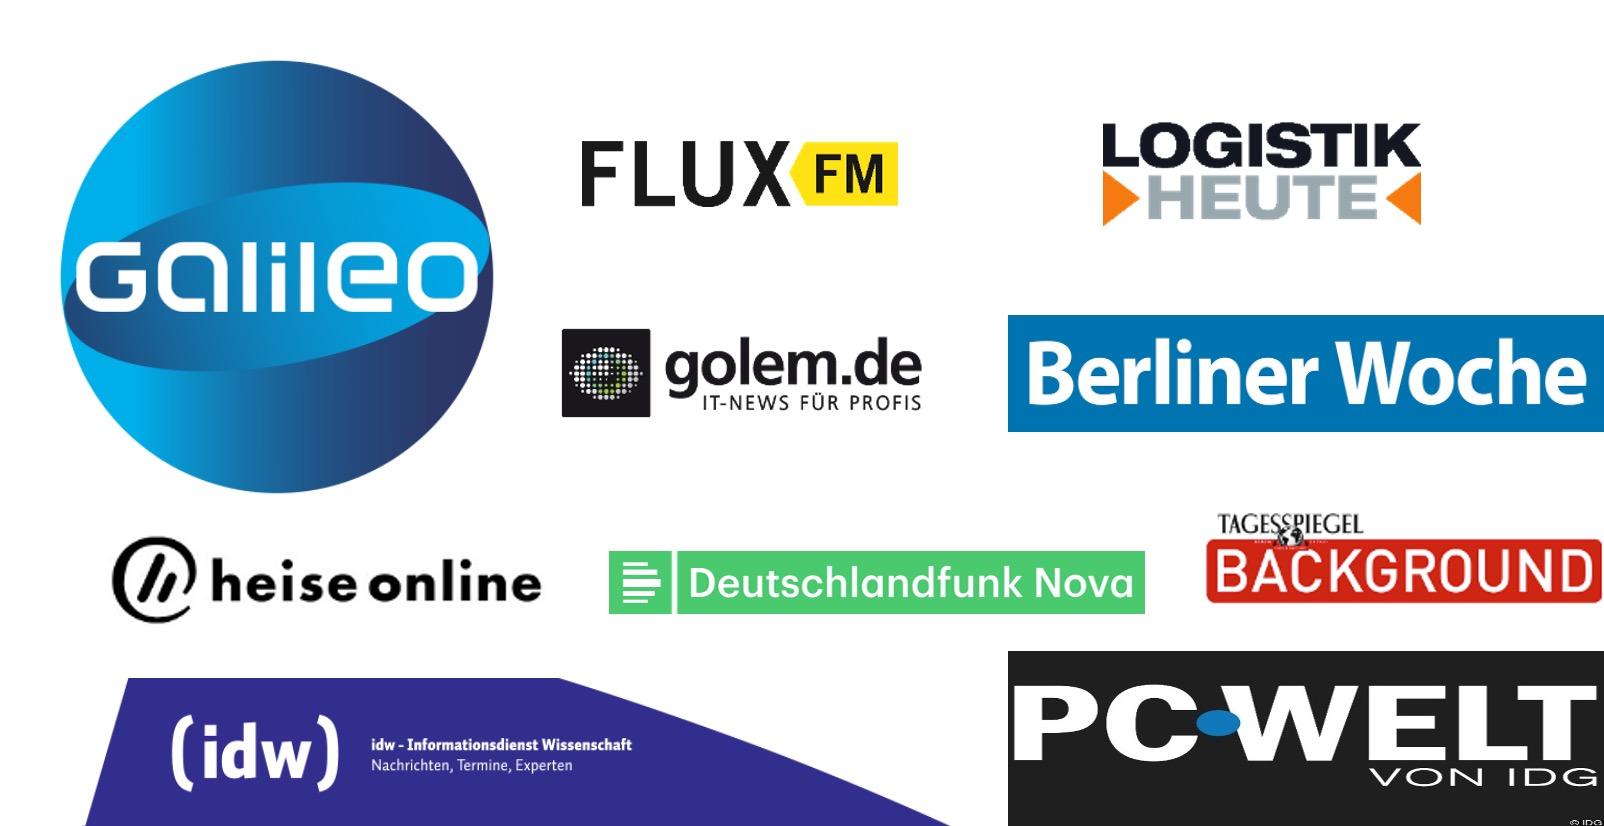 Der Kiezbote ist bekannt aus Galileo FluxFM Logistik Heute Golem.de Berliner Woche Heise Online Deutschlandfunk Nova Tagesspiegel Background IDW PC Welt